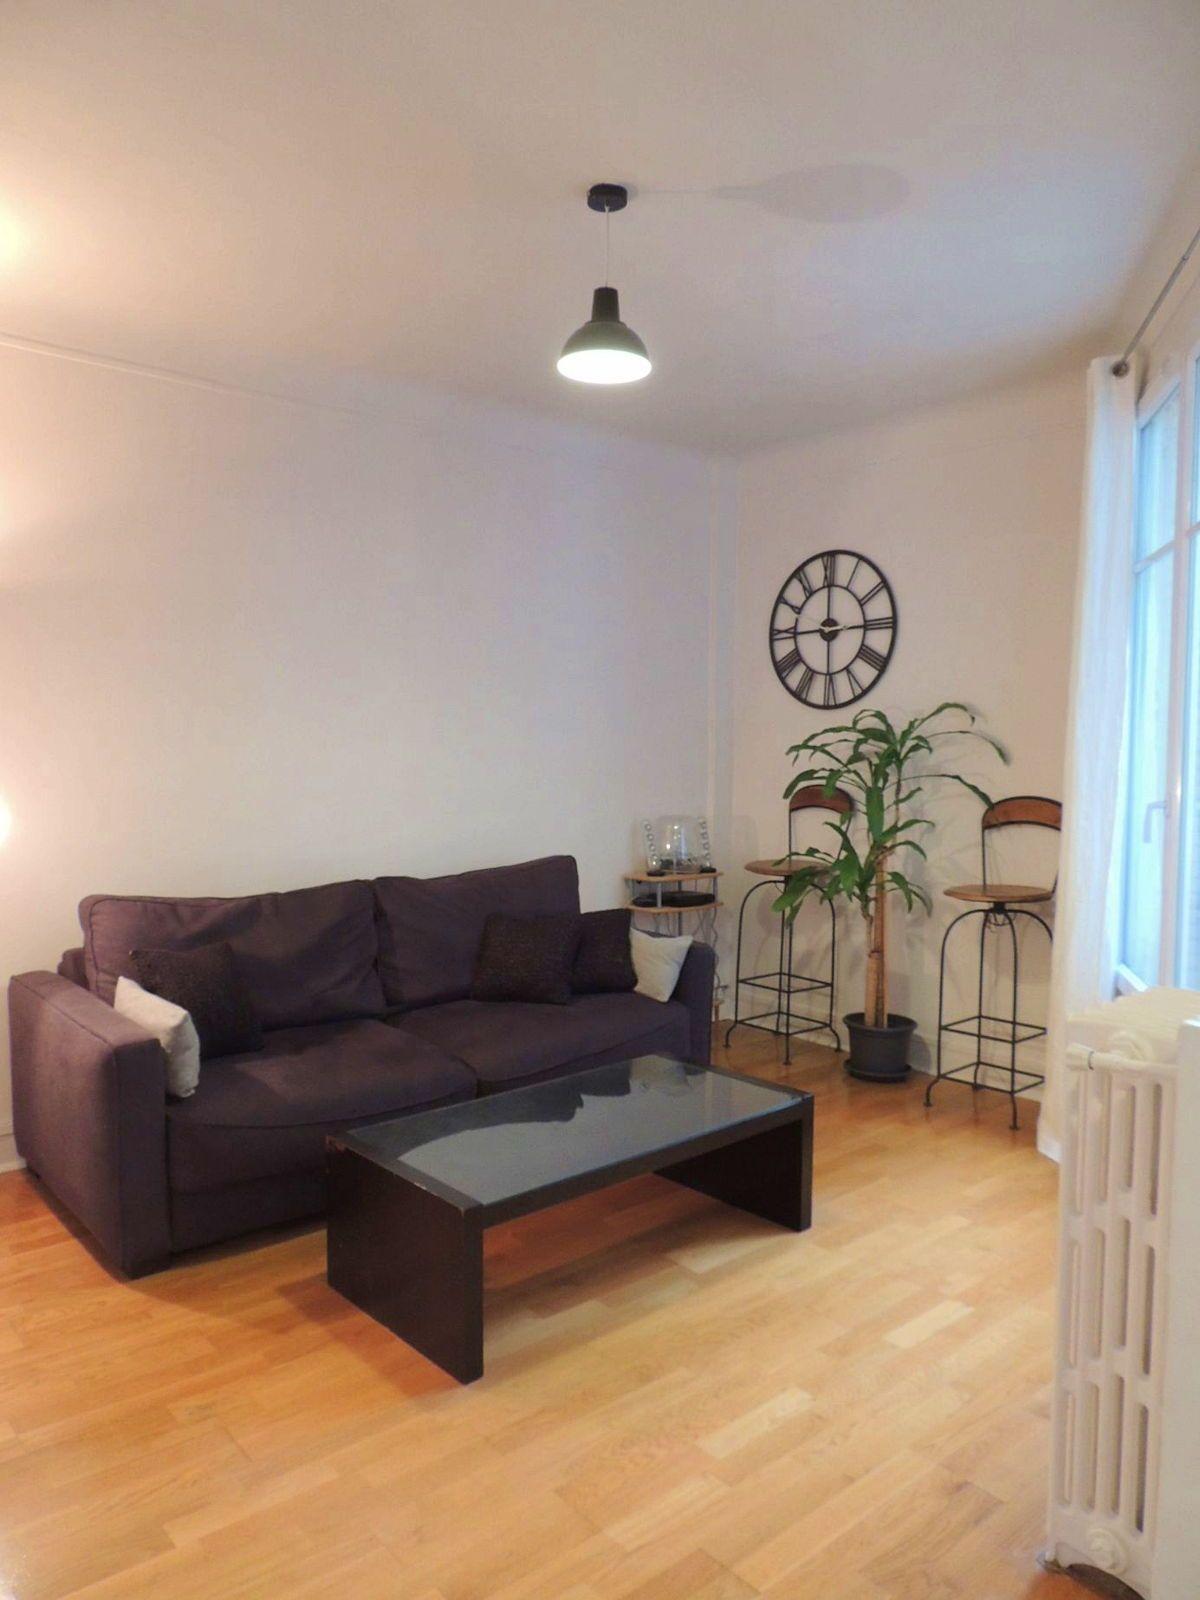 Vends appartement 3pièces 50m² à Asnières s/ Seine (92)